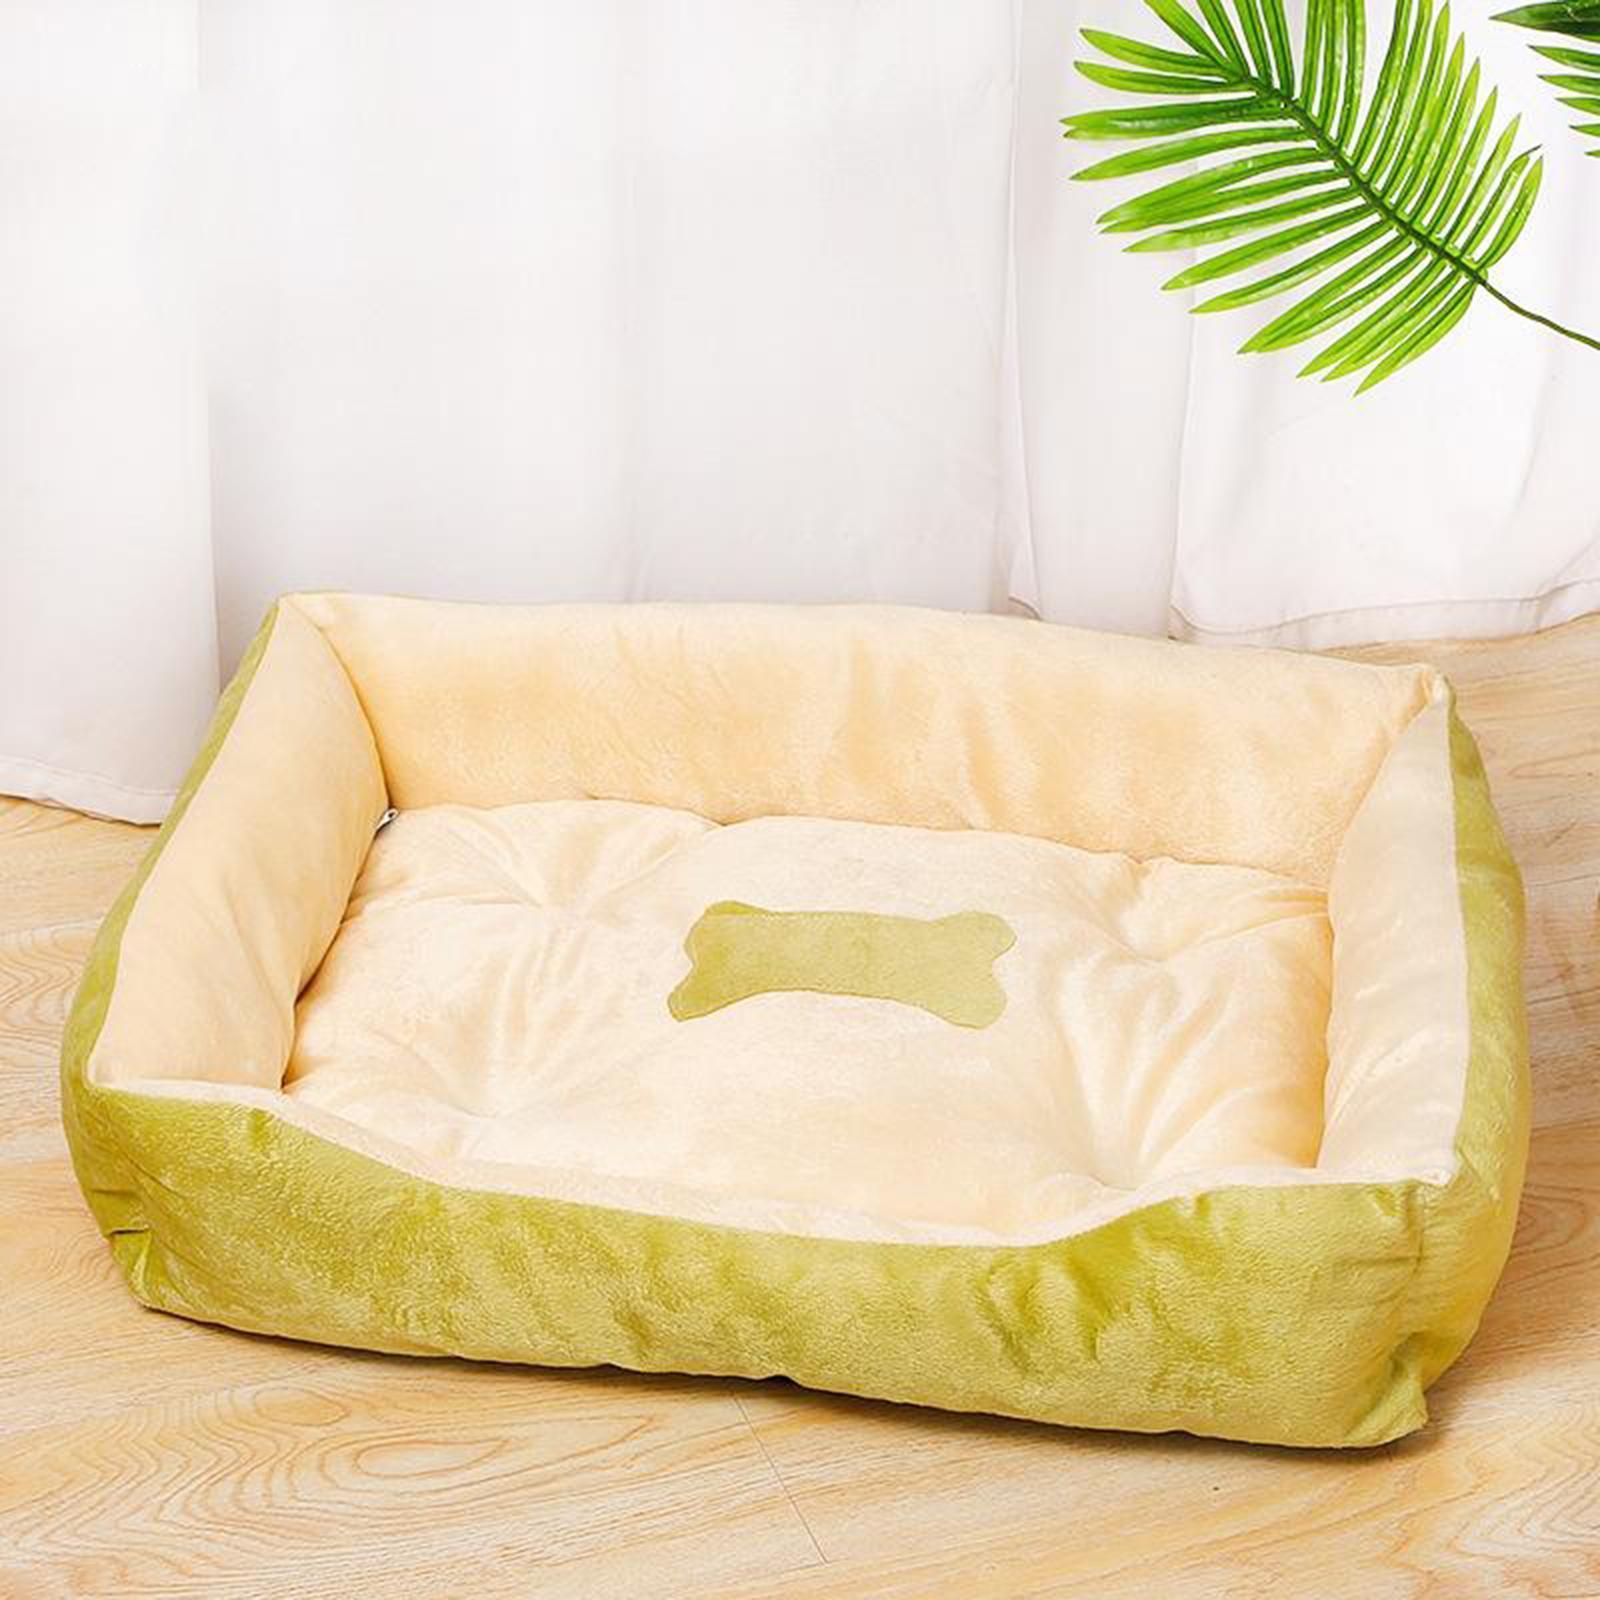 Indexbild 12 - Katze-Hund-Bett-Pet-Kissen-Betten-Haus-Schlaf-Soft-Warmen-Zwinger-Decke-Nest